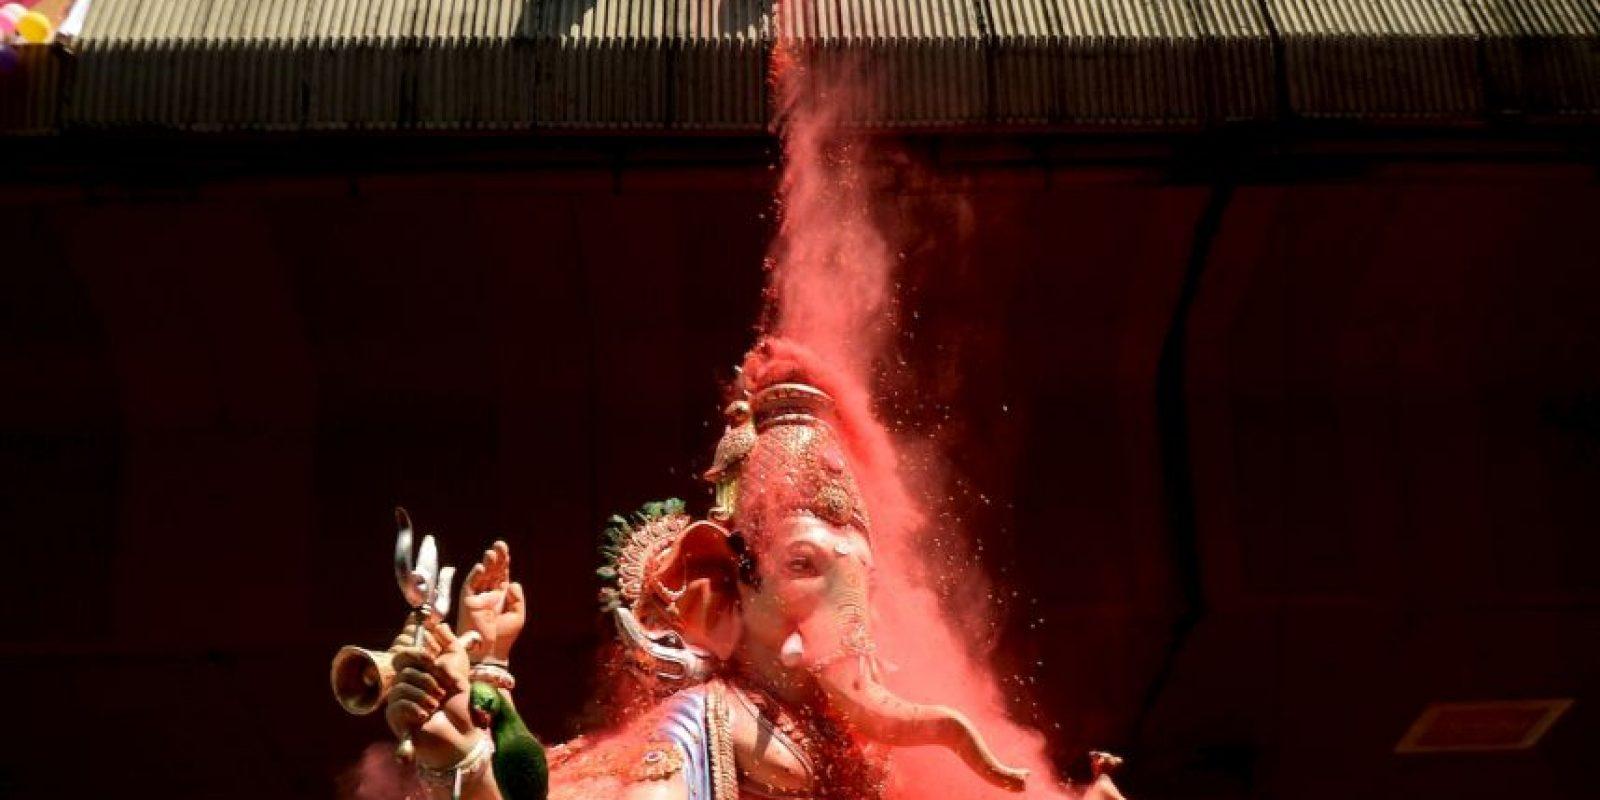 Devotos indios lanzan pétalos y polvo de color al ídolo Ganesha en una procesión en la India. Foto:AFP